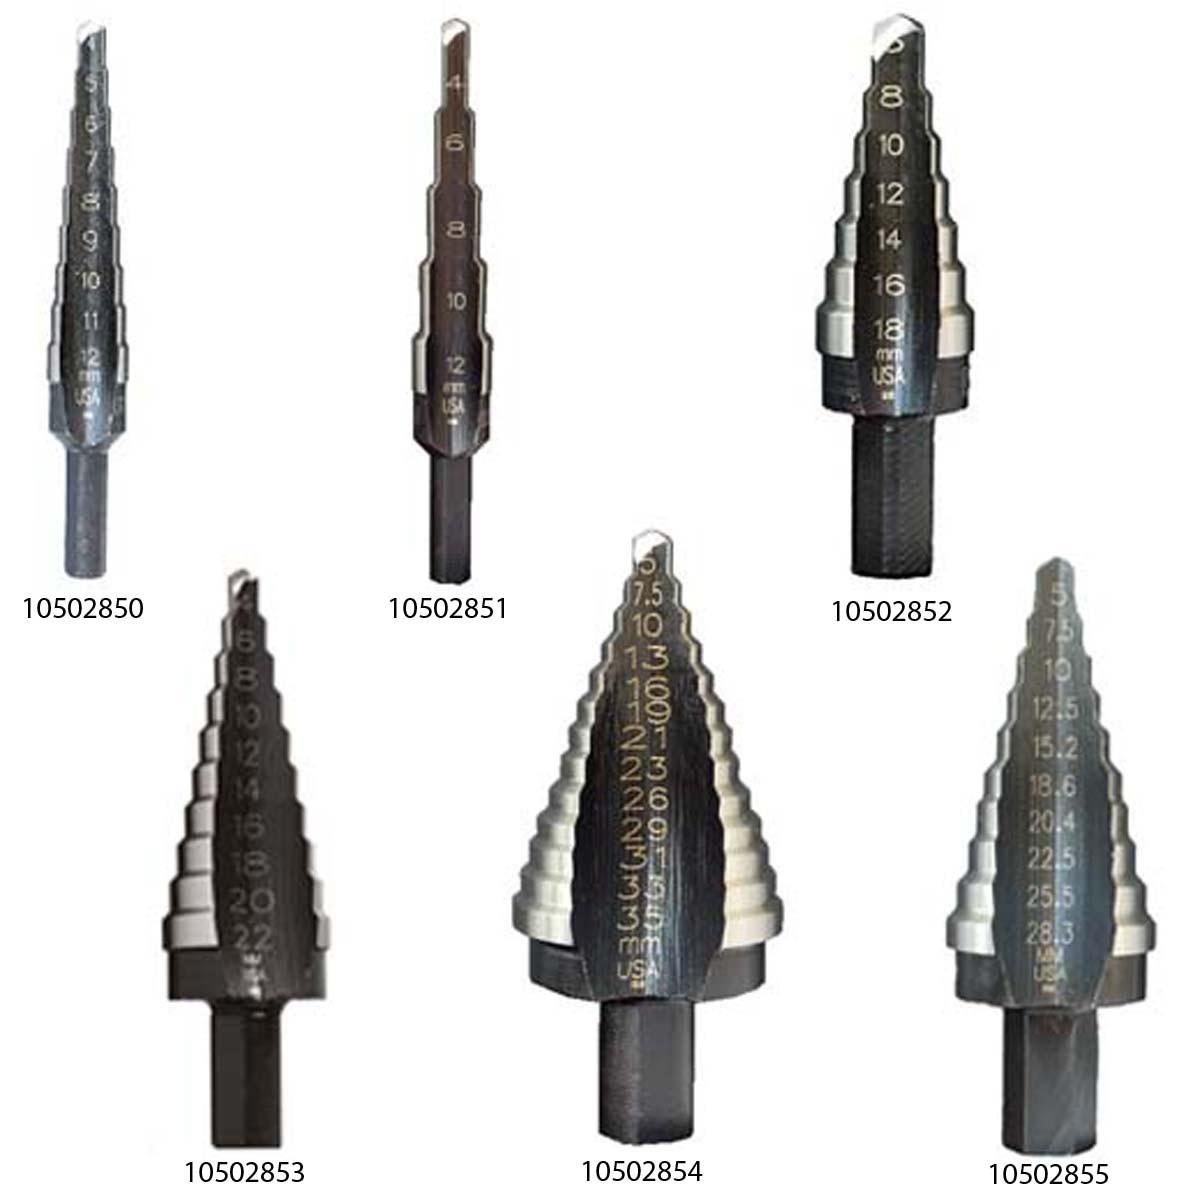 Многоступенчатое сверло UNIBIT 5M 5 - 35 мм 13 HOLES